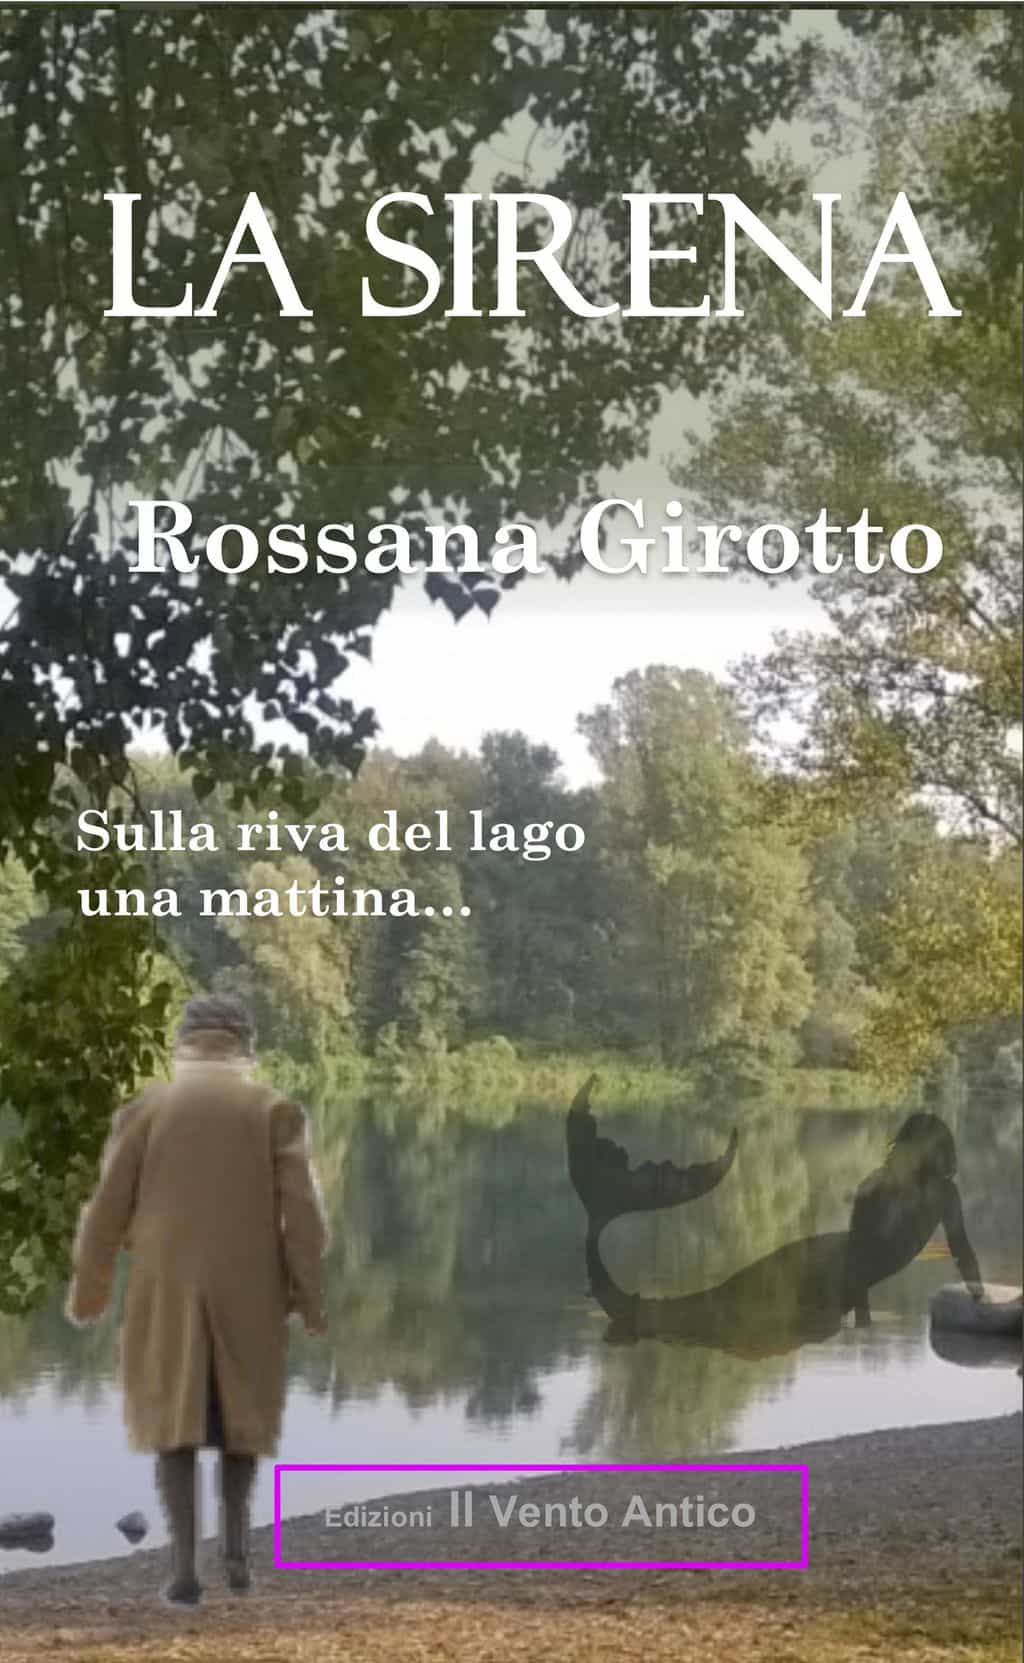 Novità dalle Edizioni Il Vento Antico: Rossana Girotto per i Take Away